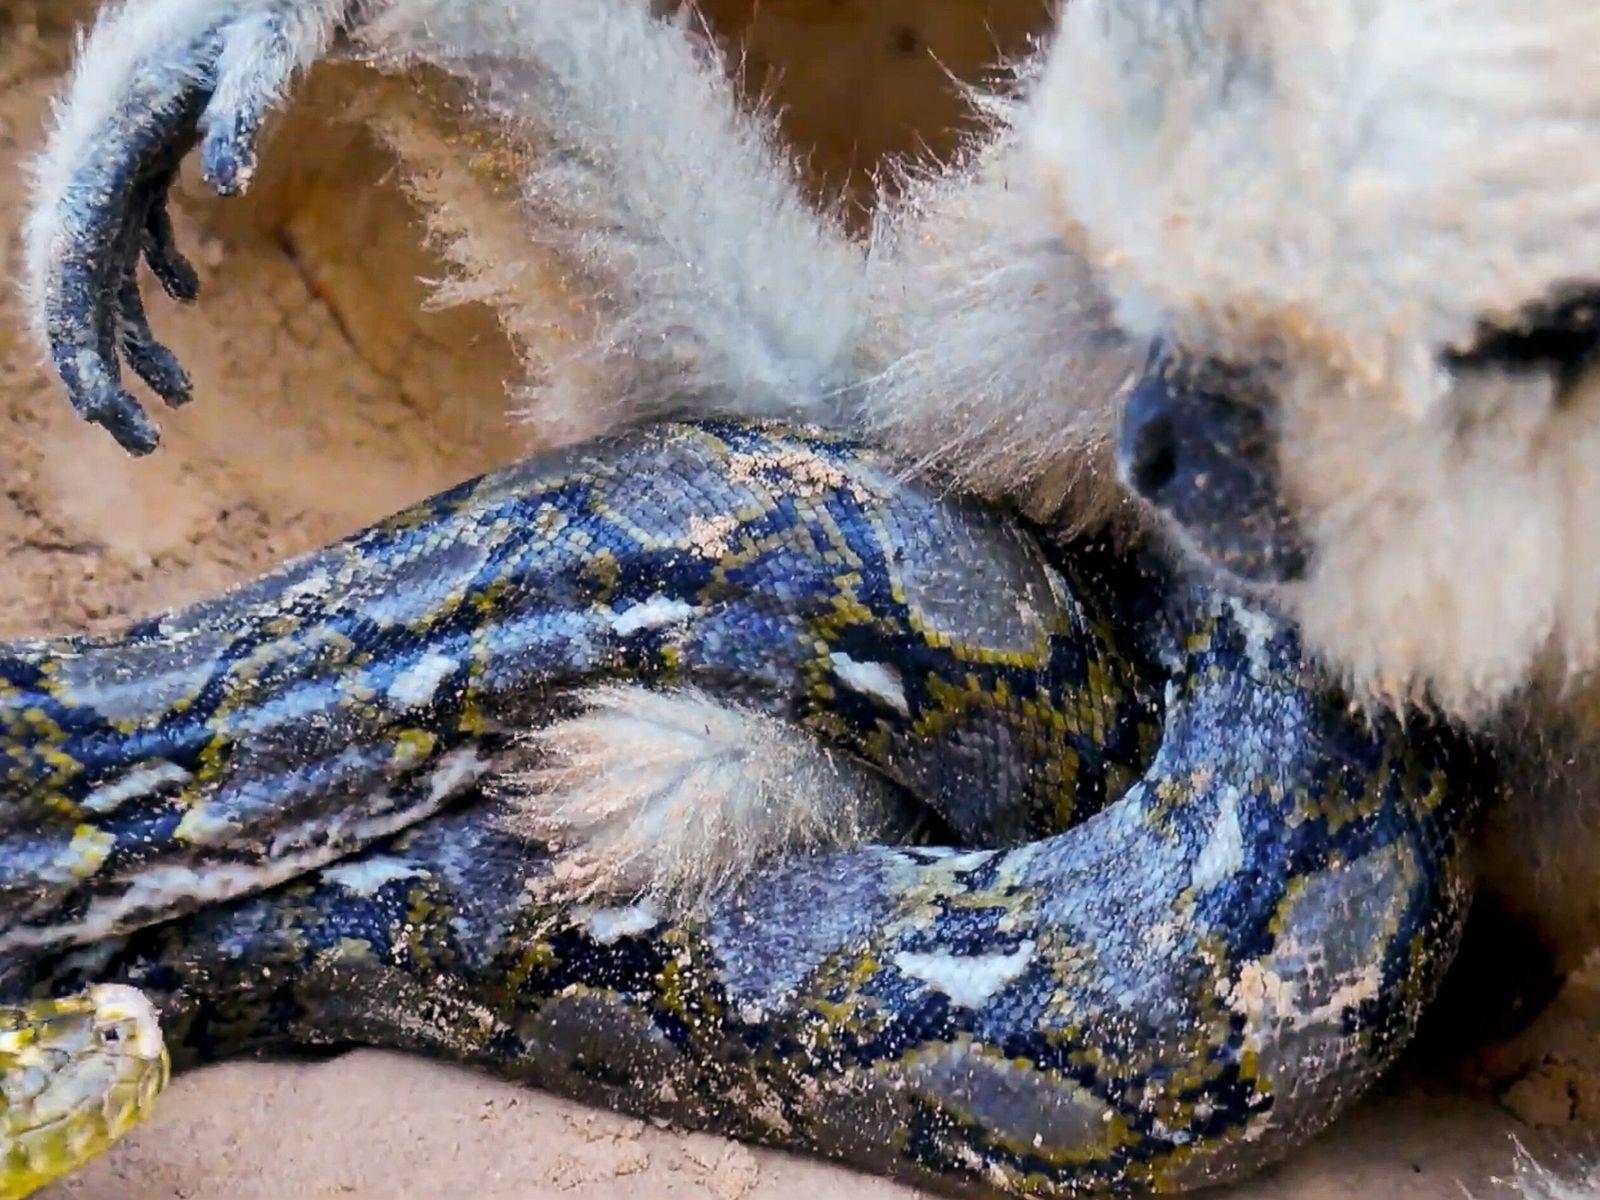 Em uma das centenas de resgates falsos de animais publicados no YouTube, uma cobra píton-birmanesa se ...